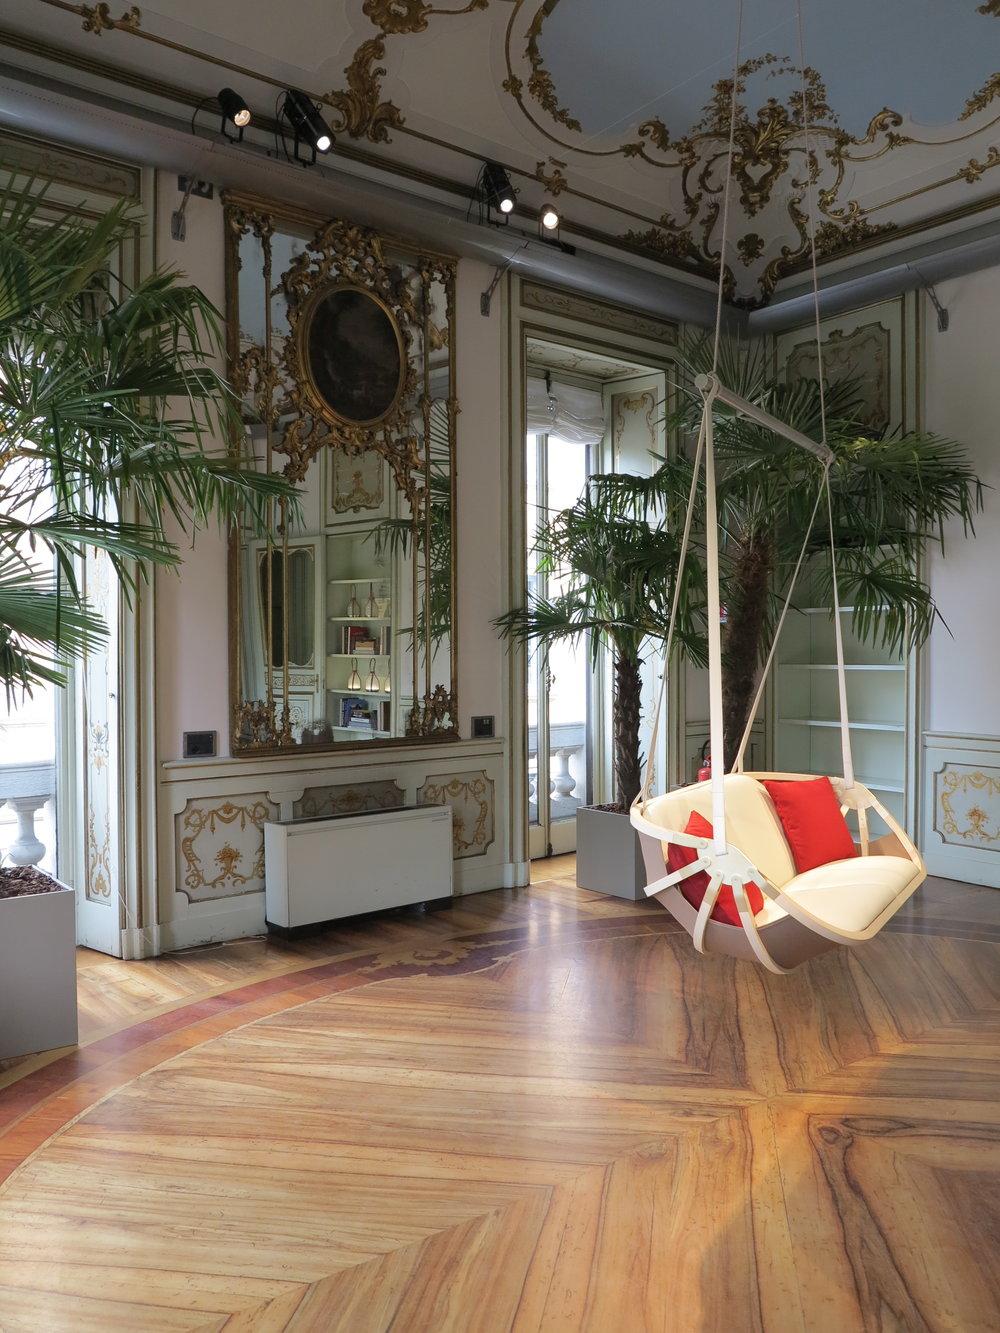 Louis Vuitton Objet nomades exhibition.